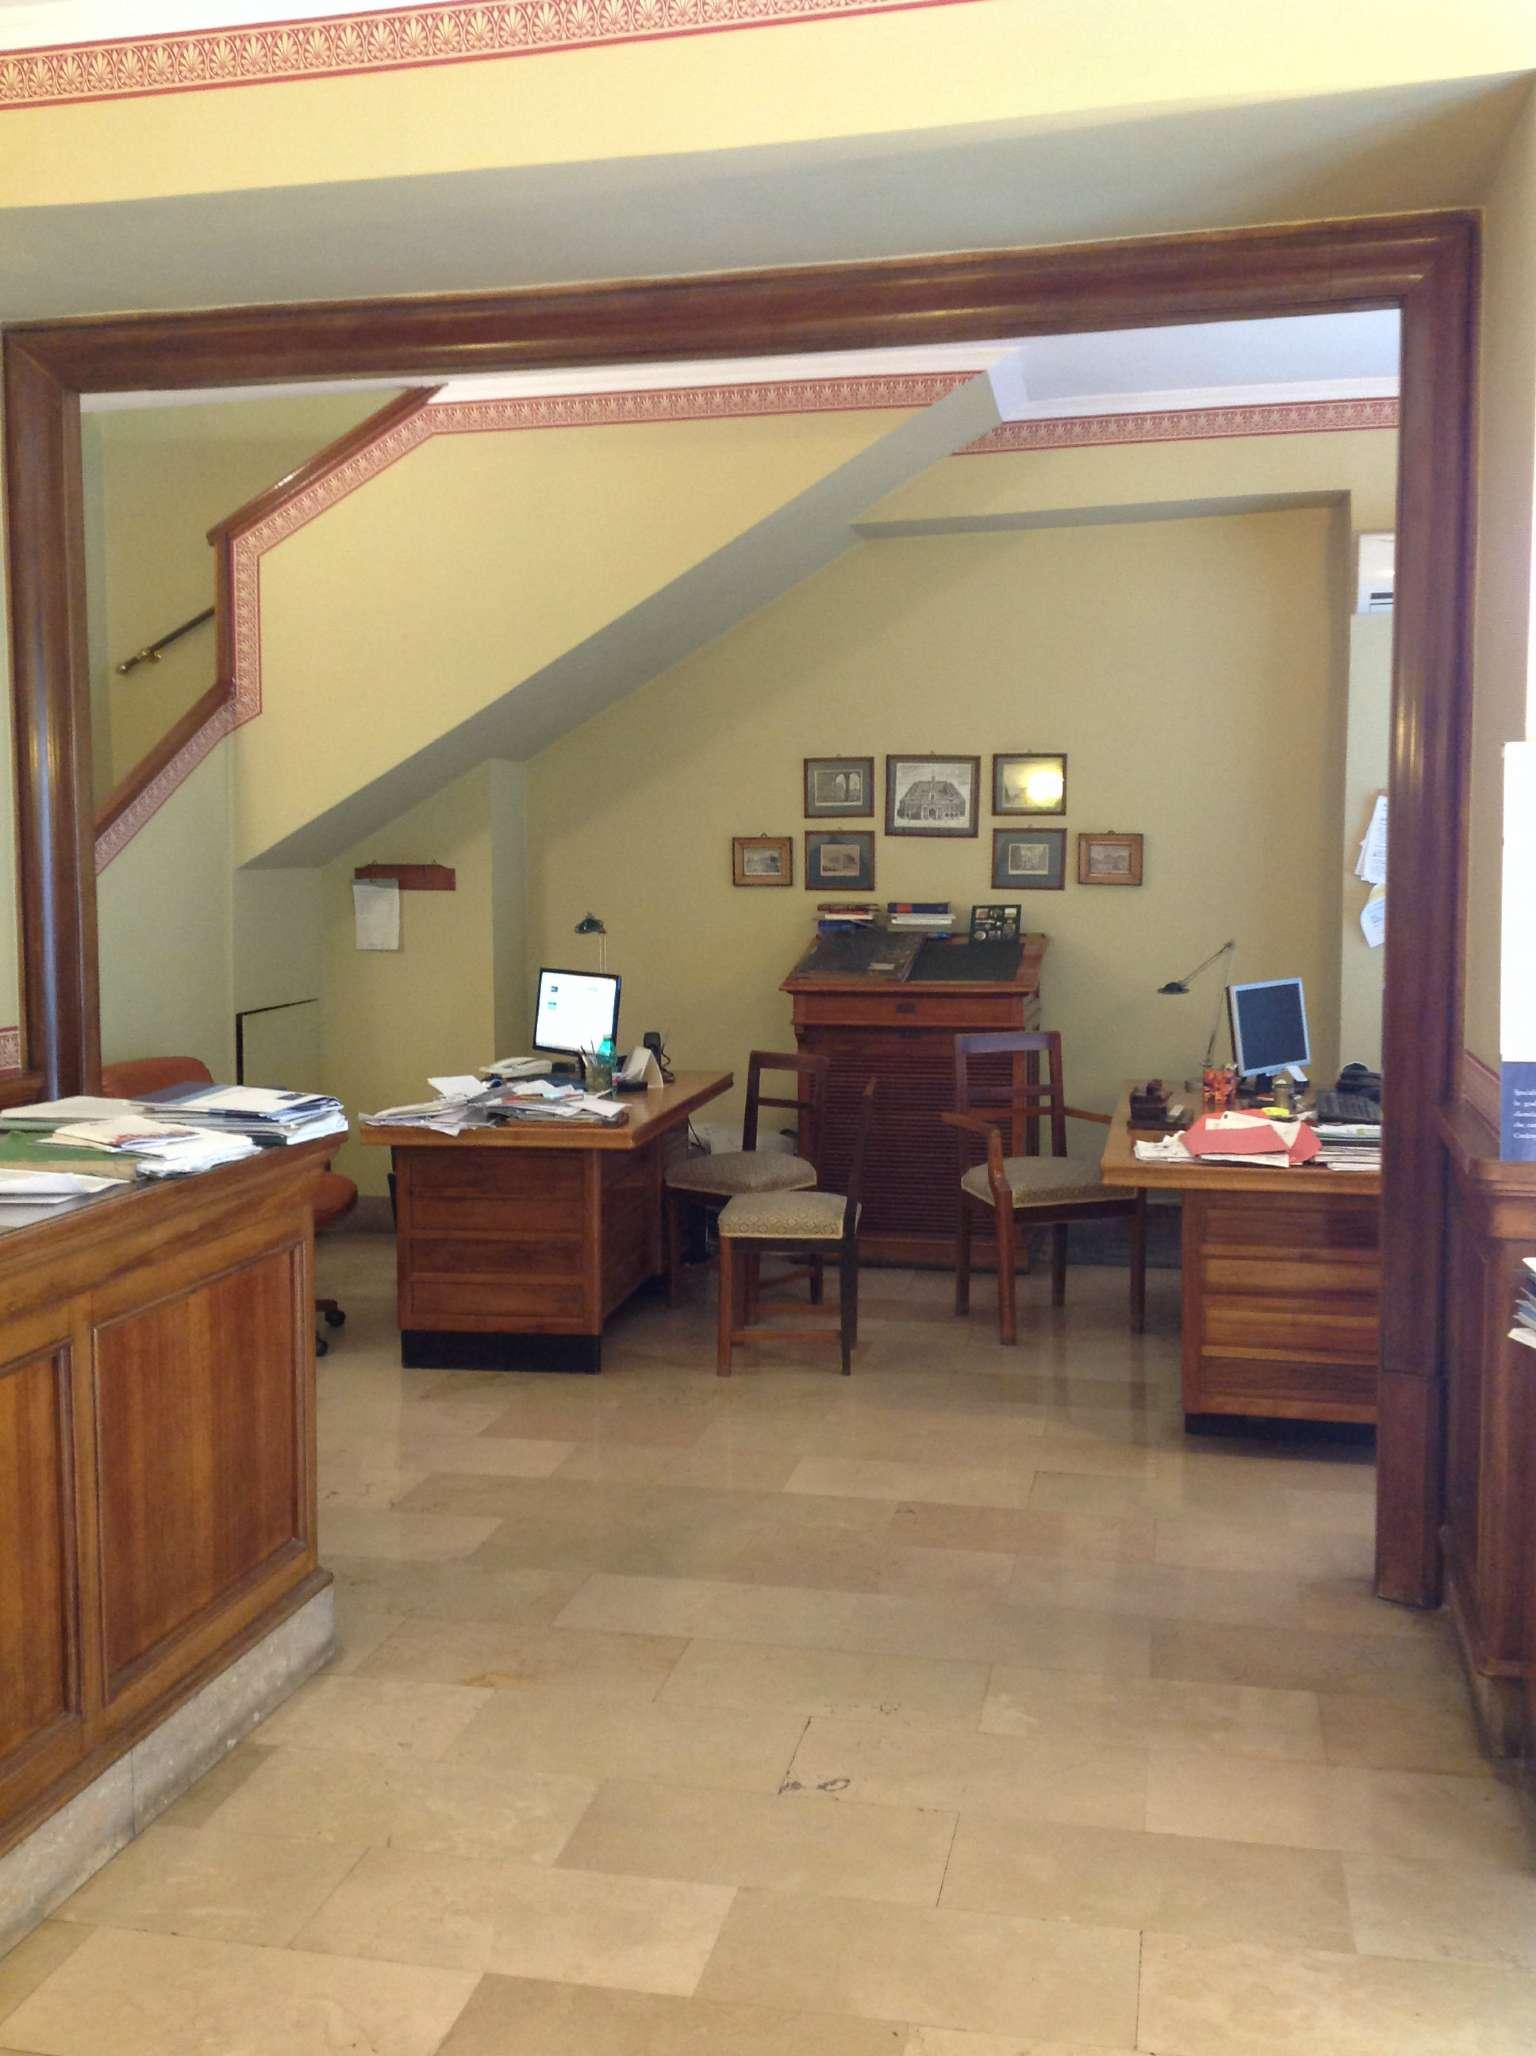 Ufficio / Studio in affitto a Napoli, 5 locali, zona Zona: 2 . Mercato, Pendino, Avvocata, Montecalvario, Porto, S.Giuseppe, Centro Storico, prezzo € 2.200 | CambioCasa.it